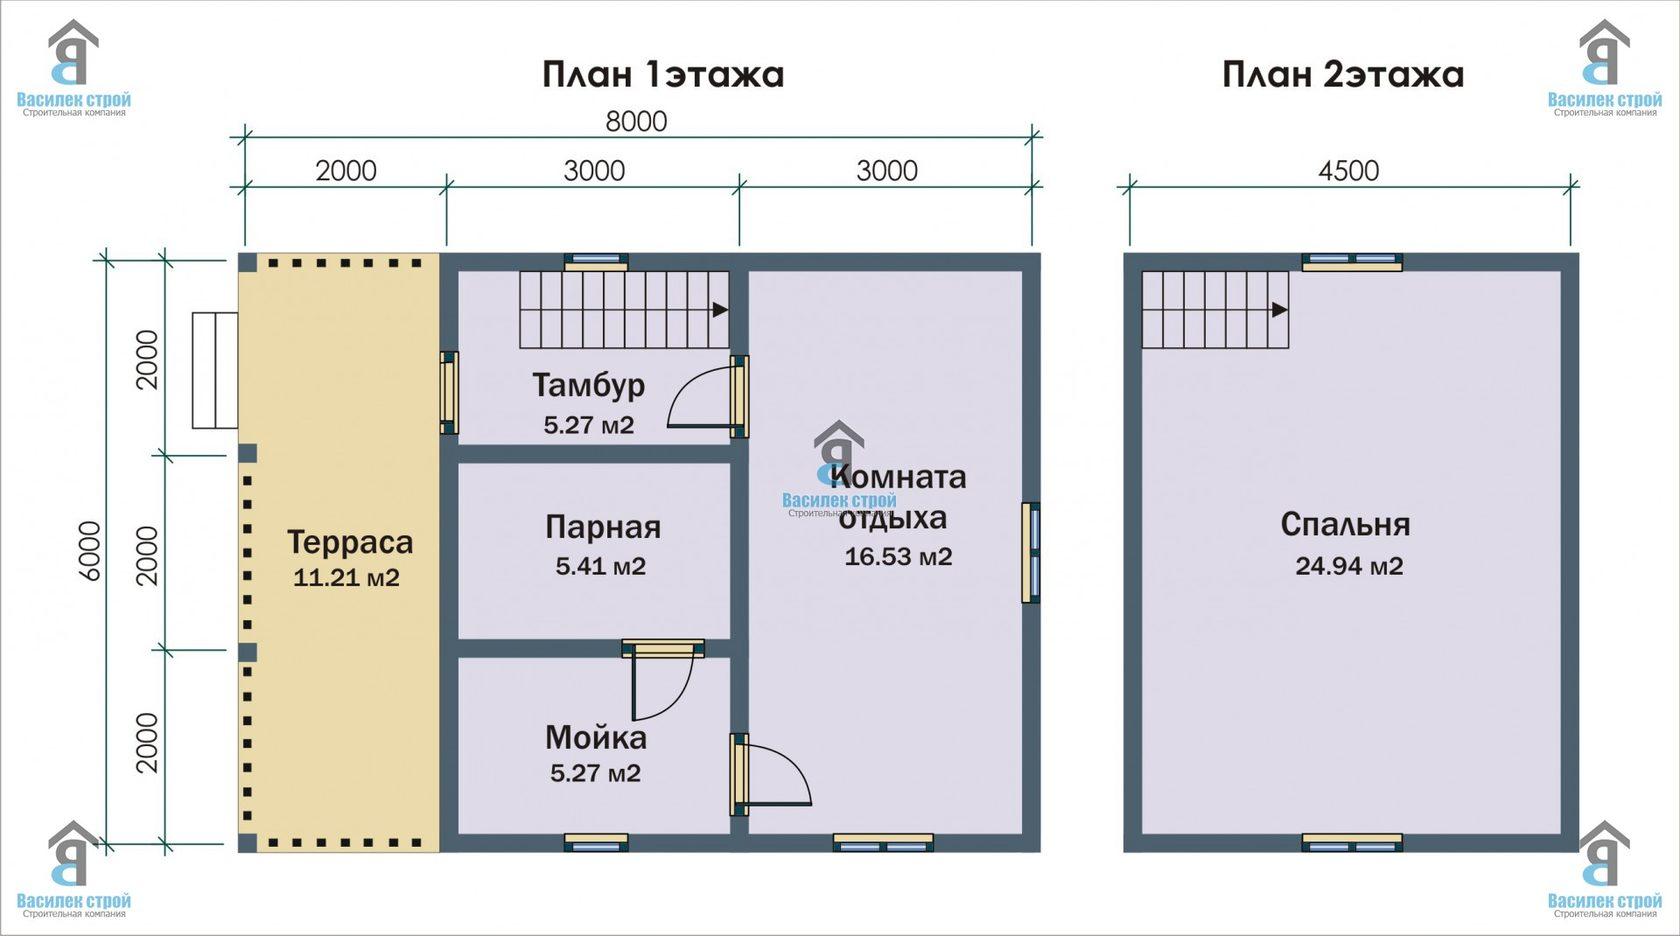 Планировка и проекты бани 6х6 с мансардой, верандой, туалетом и без них